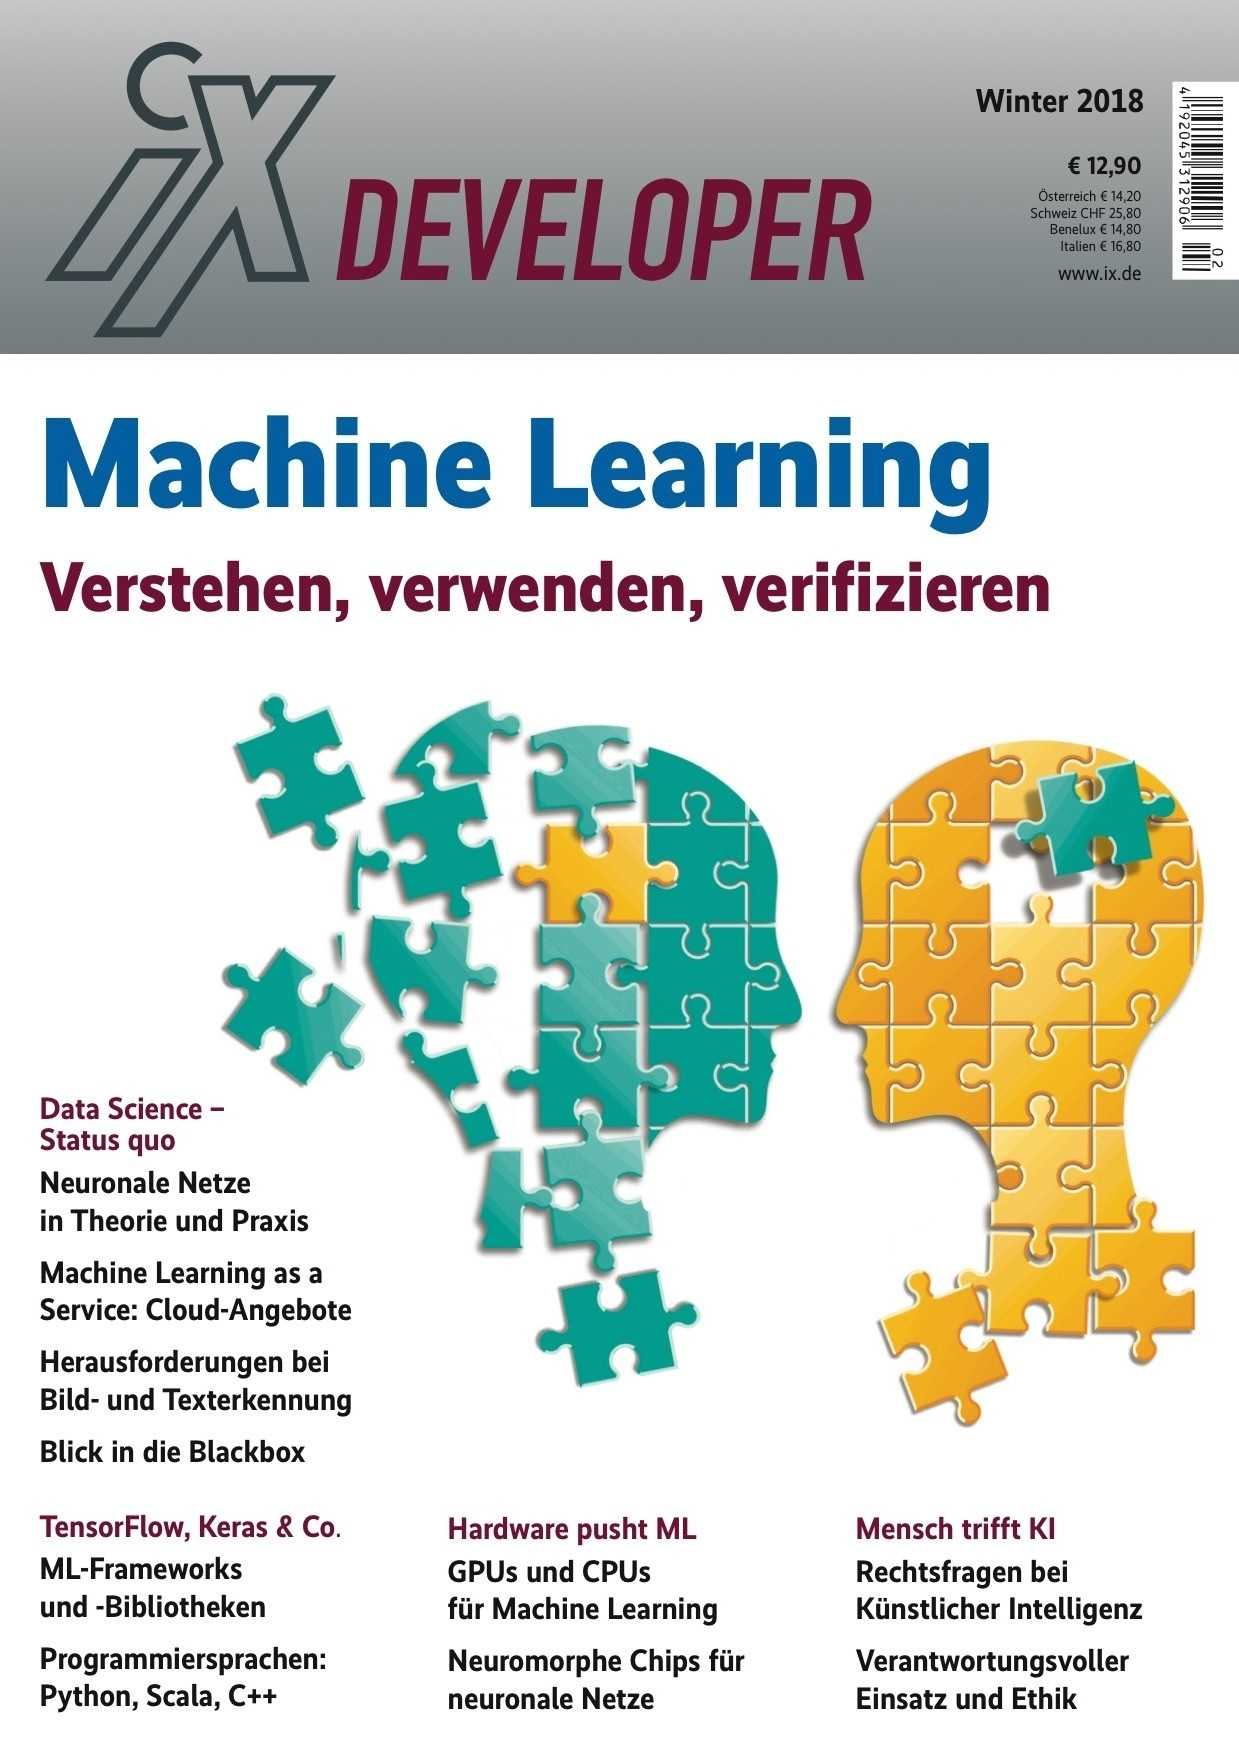 Auf 156 Seiten gibt das Sonderheft einen technischen Einblick in diverse Themen rund um Machine Learning.